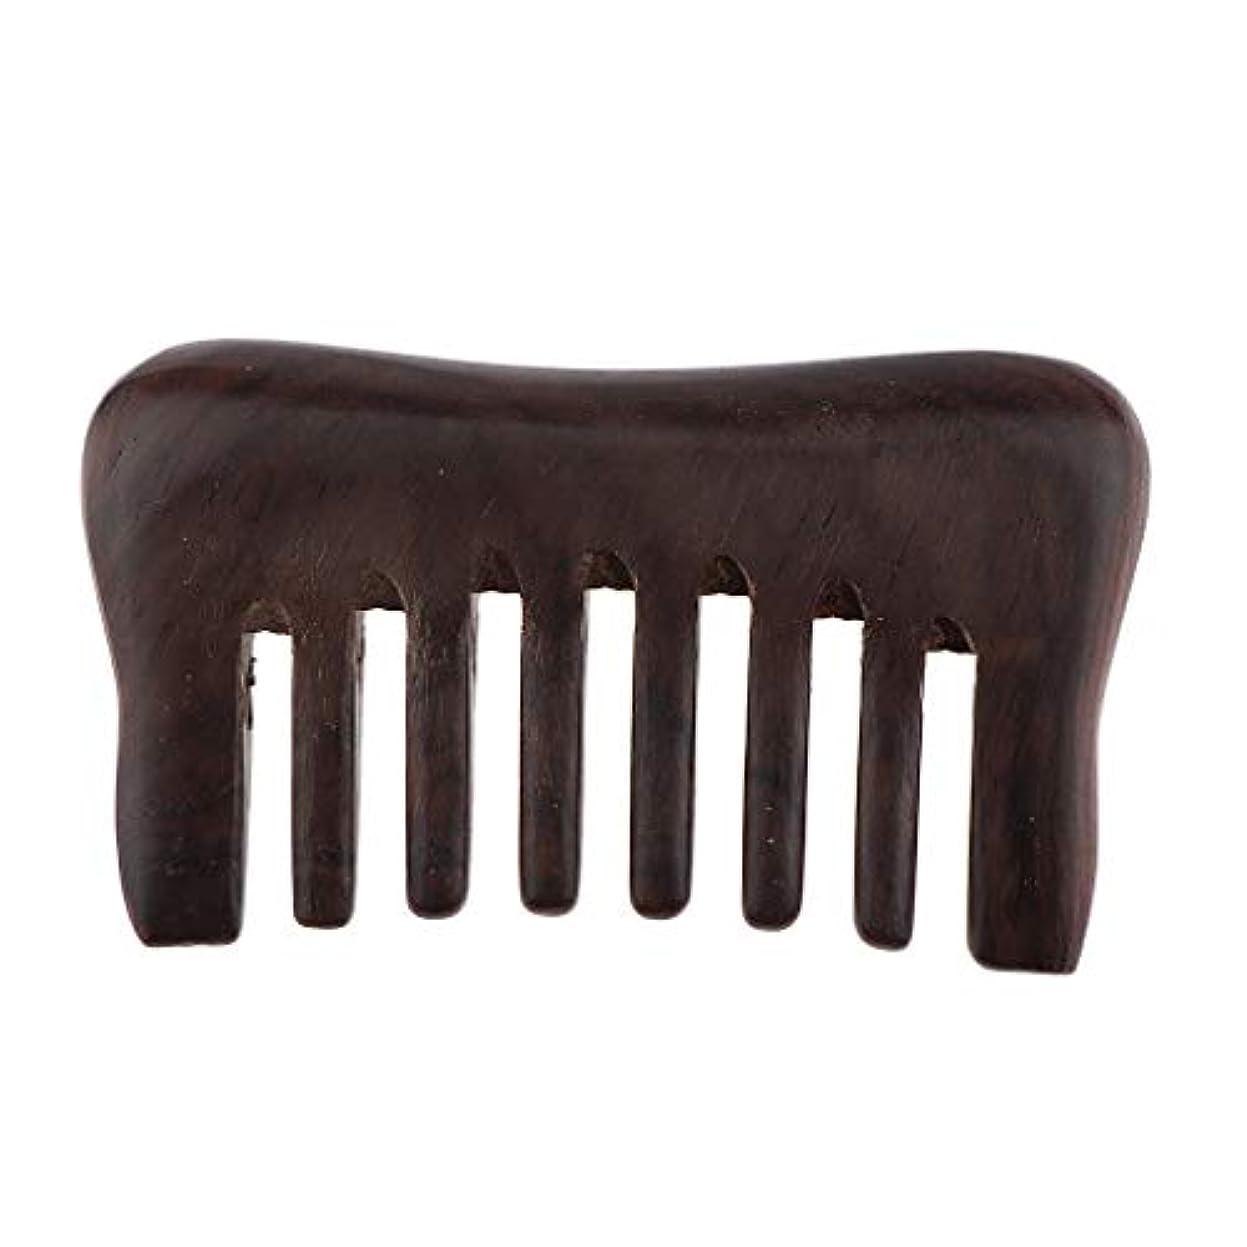 適応的地震プランテーションヘアコーム 木製櫛 頭皮マッサージ ヘアブラシ 3色選べ - 黒檀